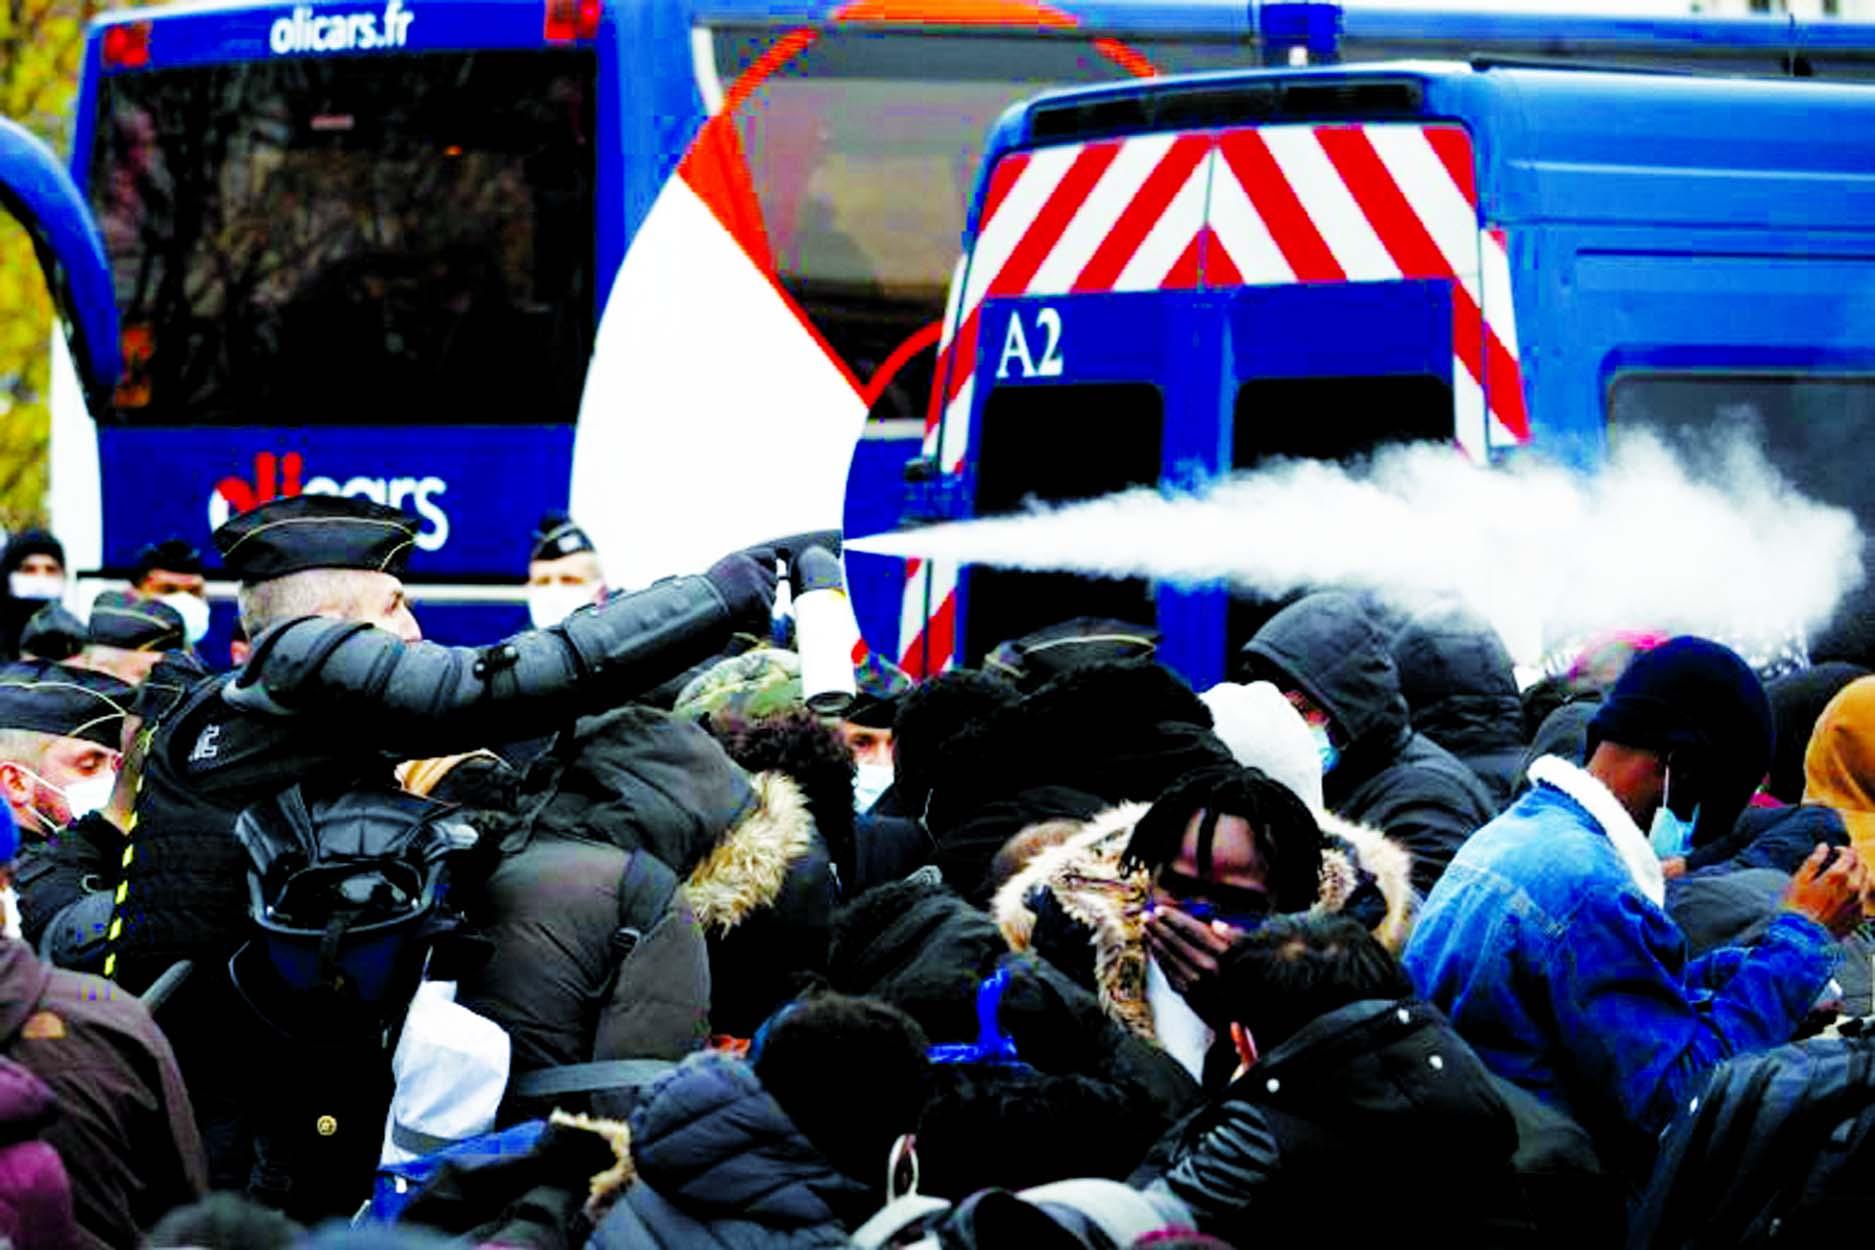 Paris police in